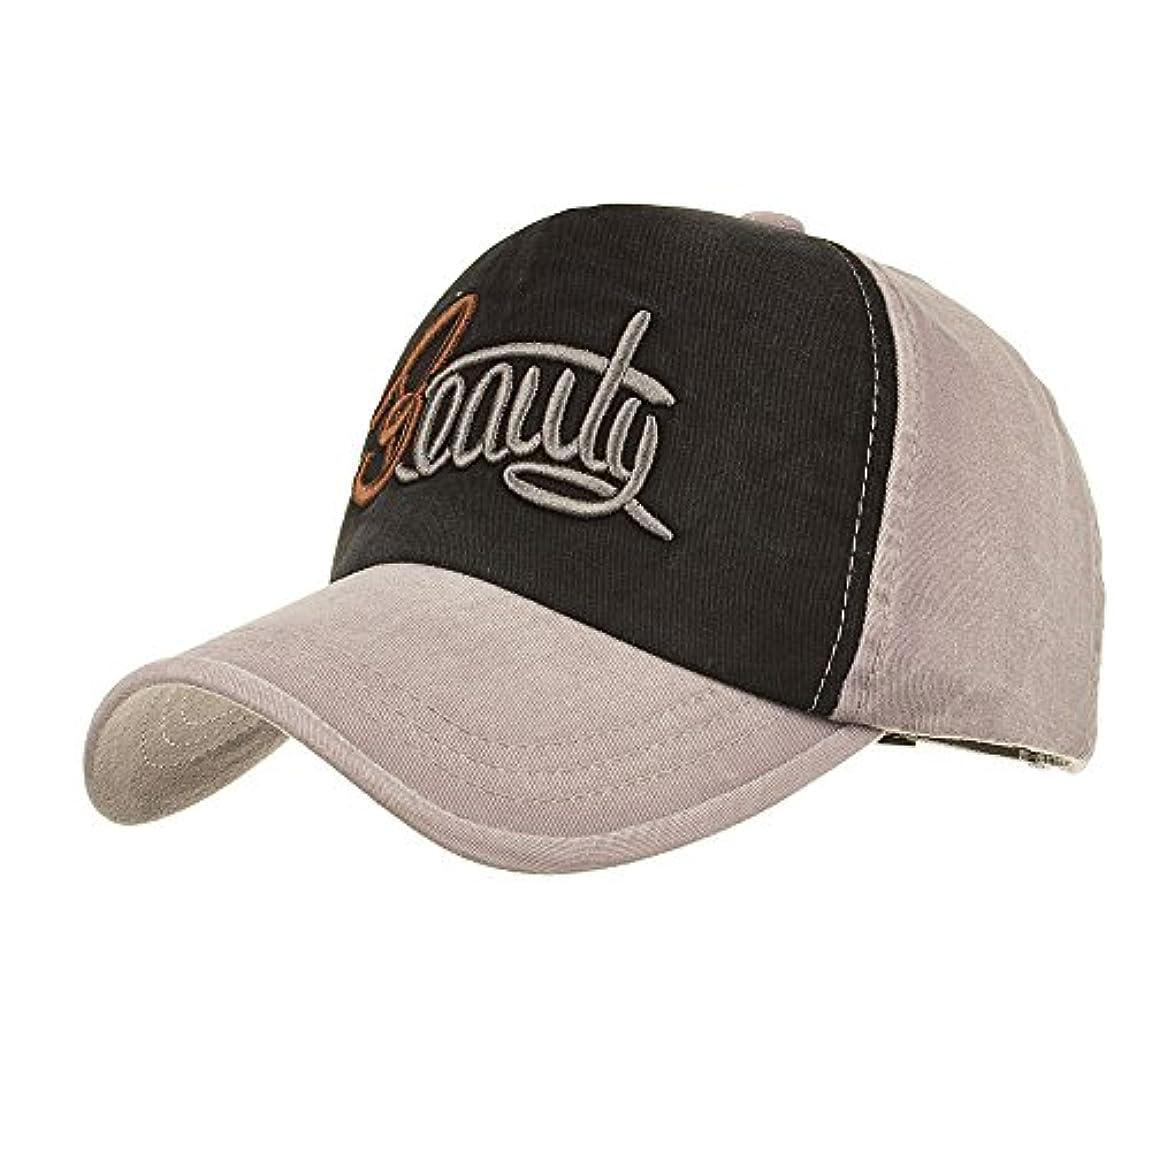 思春期のナース取り除くRacazing Cap パッチワーク刺繍 ヒップホップ 野球帽 通気性のある 帽子 夏 登山 可調整可能 棒球帽 UV 帽子 軽量 屋外 Unisex Hat (グレー)